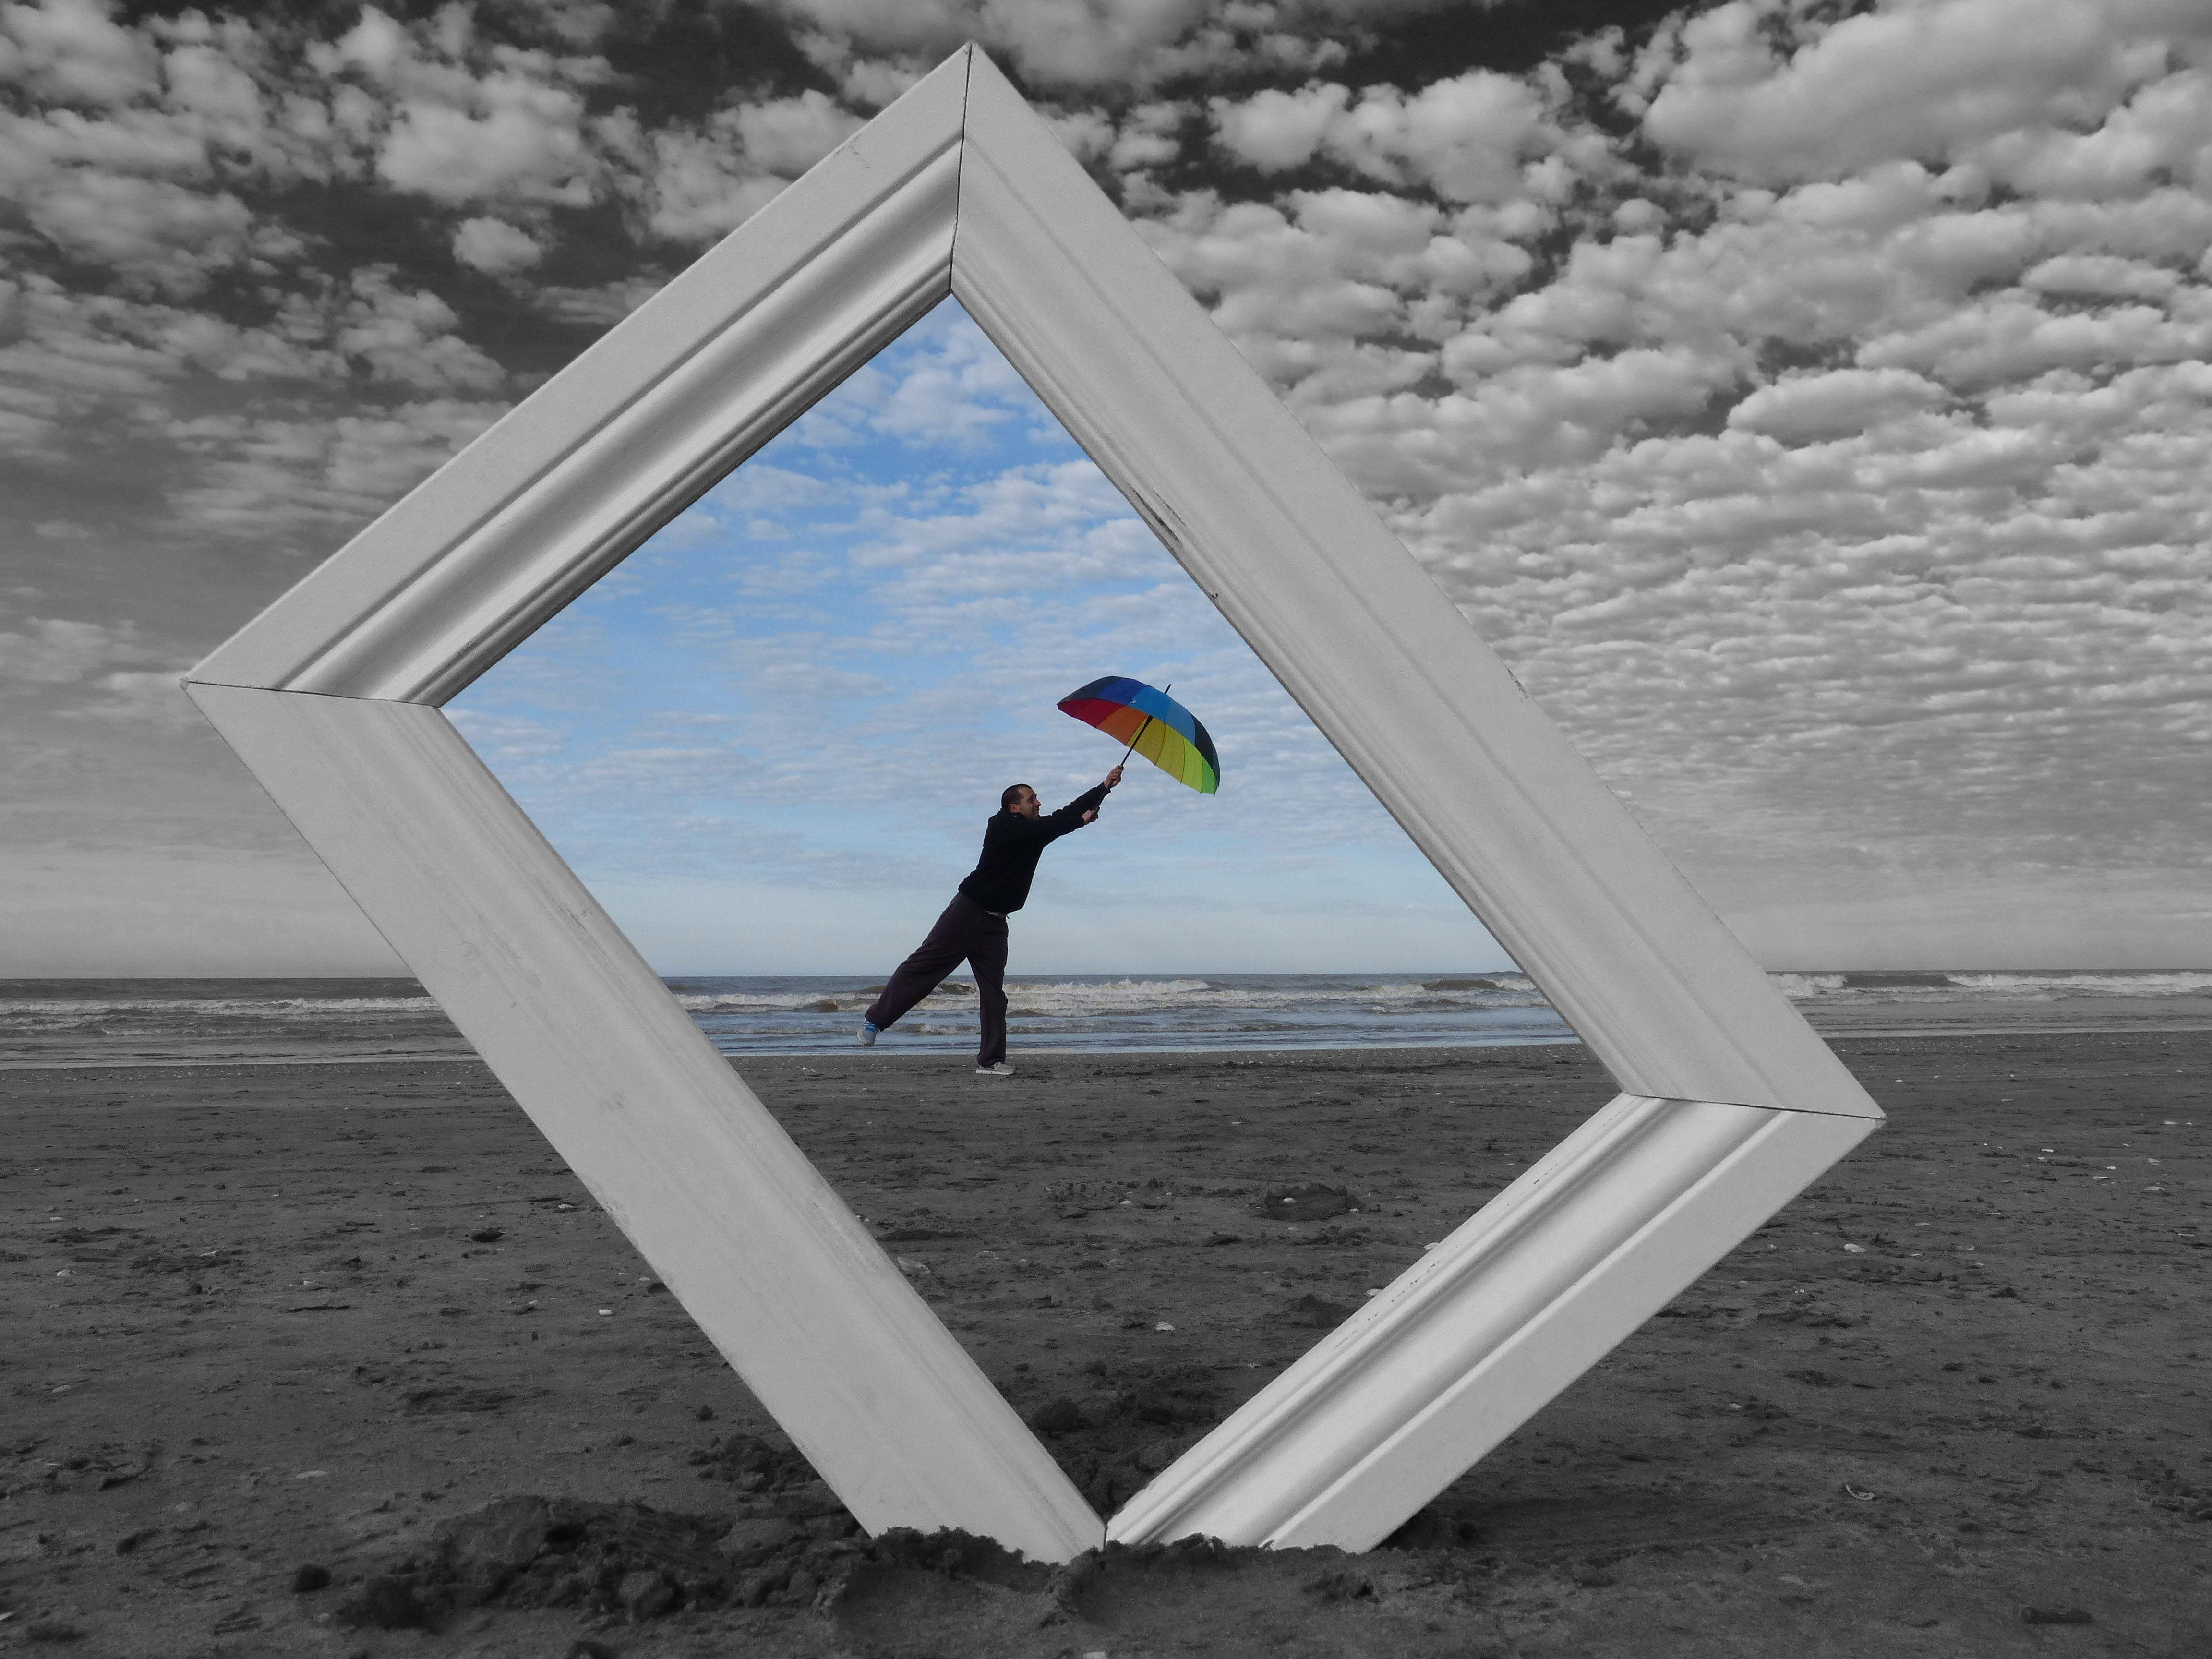 marco - paraguas - playa